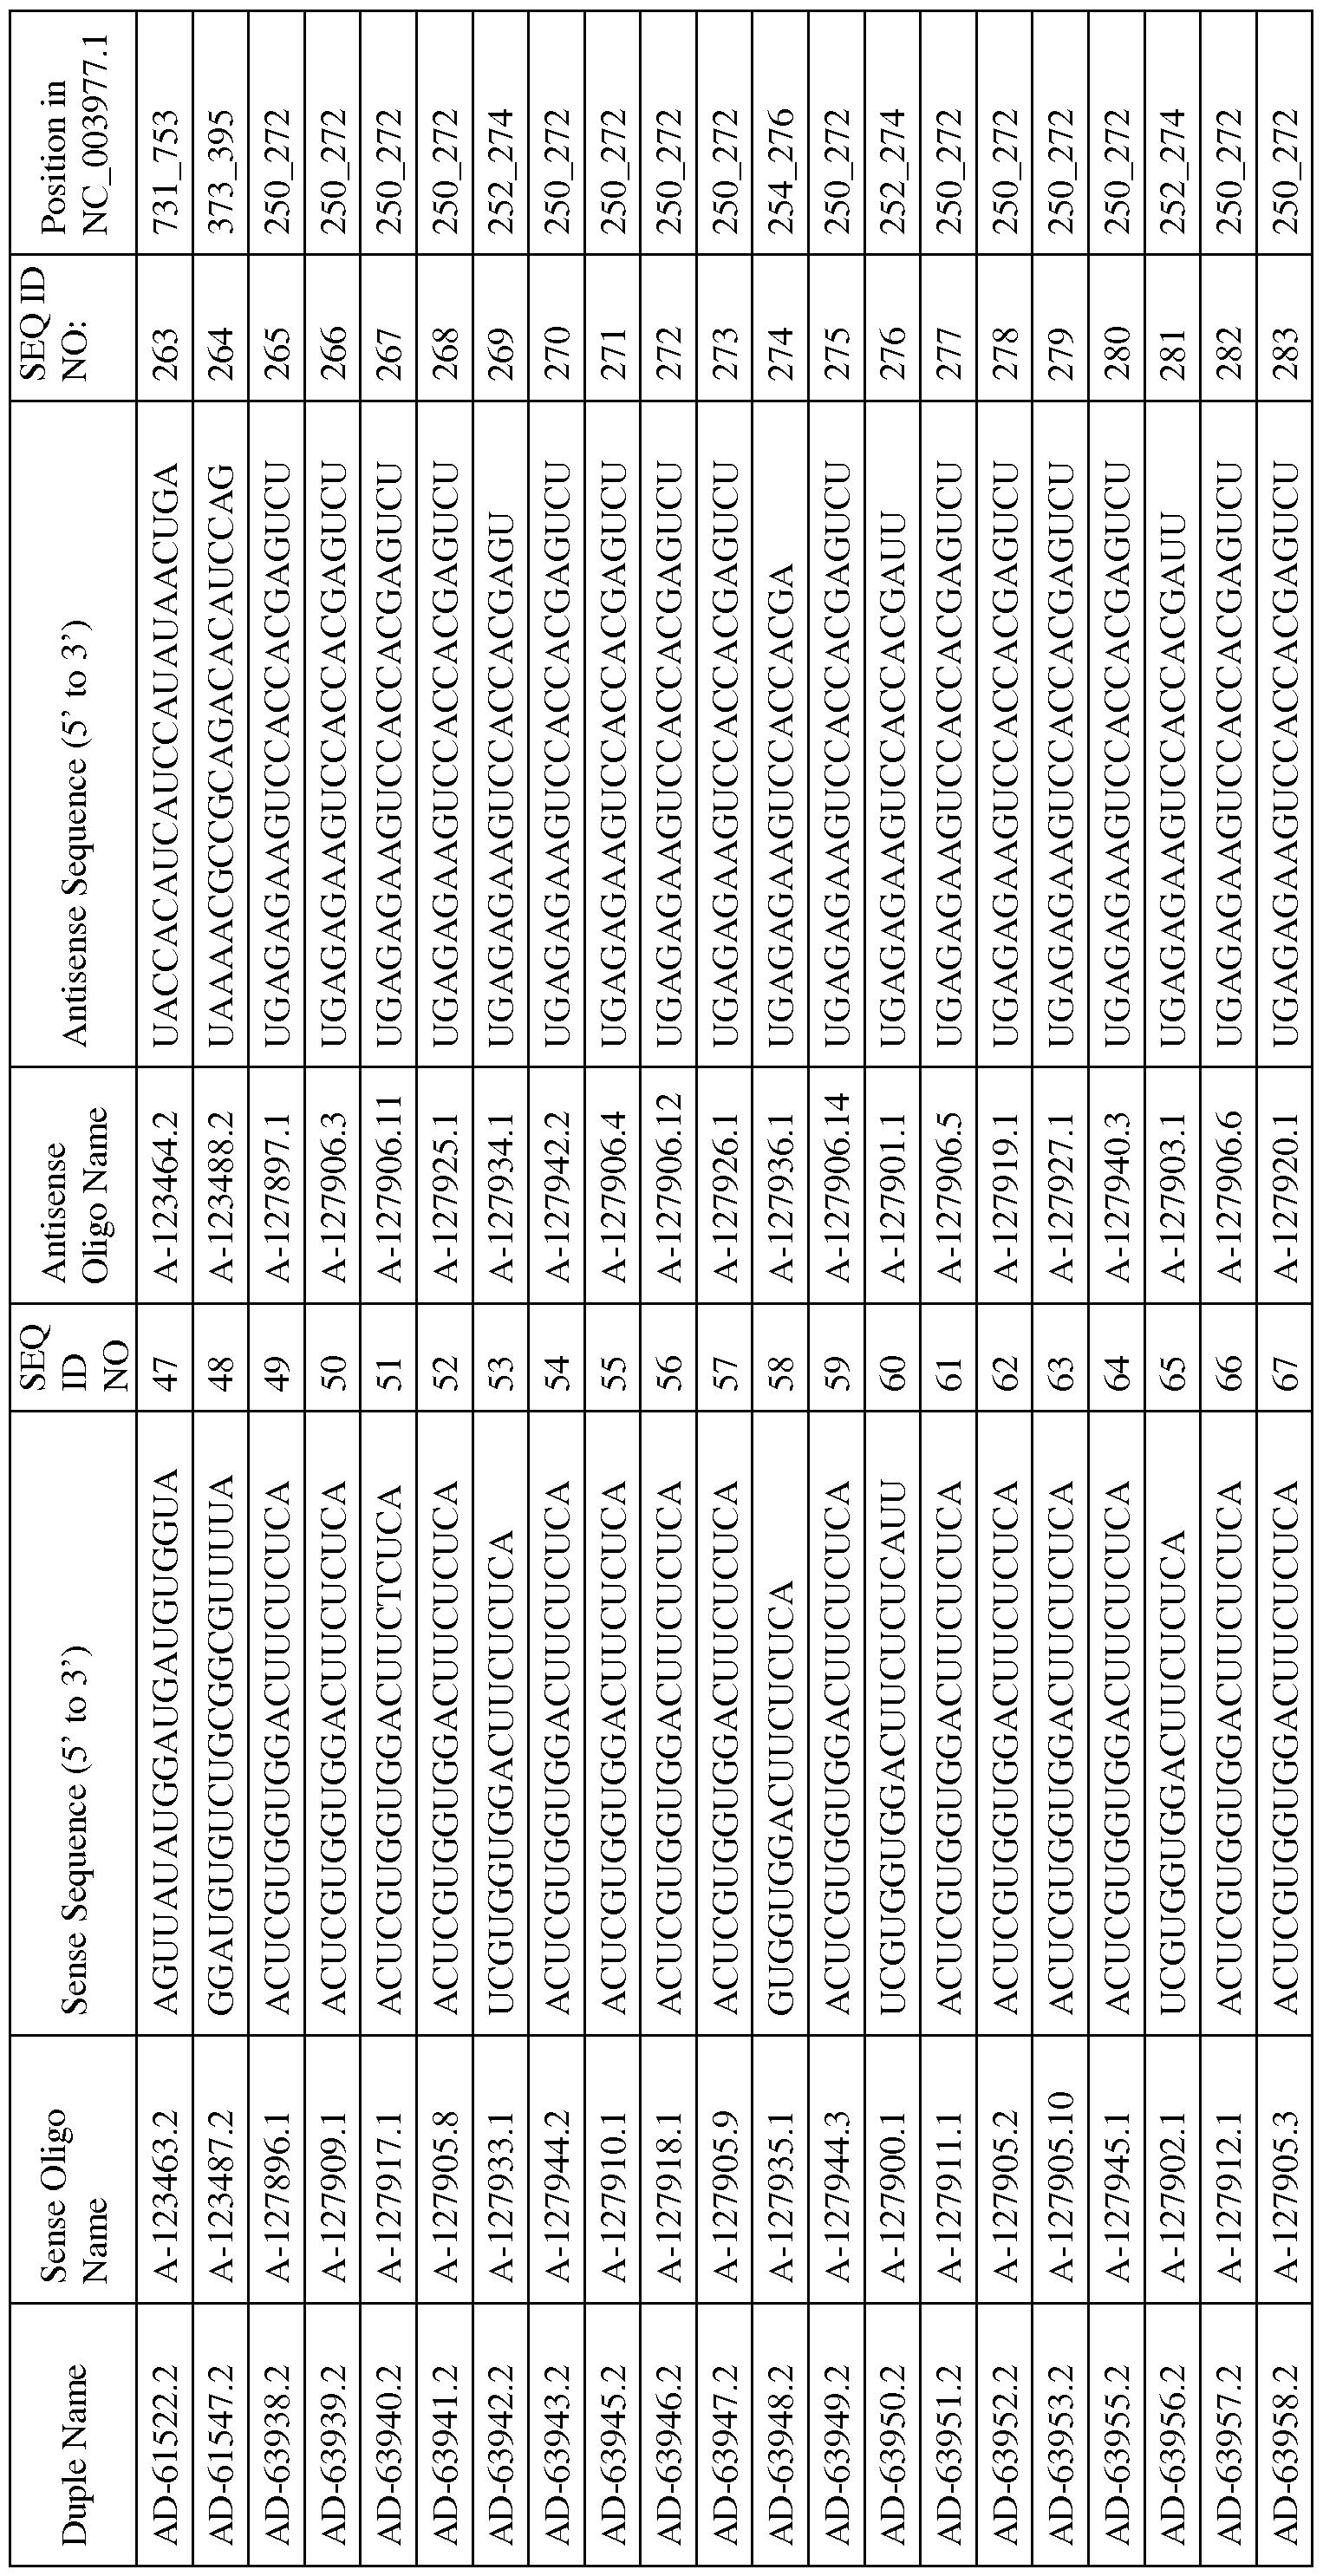 Figure imgf000164_0001